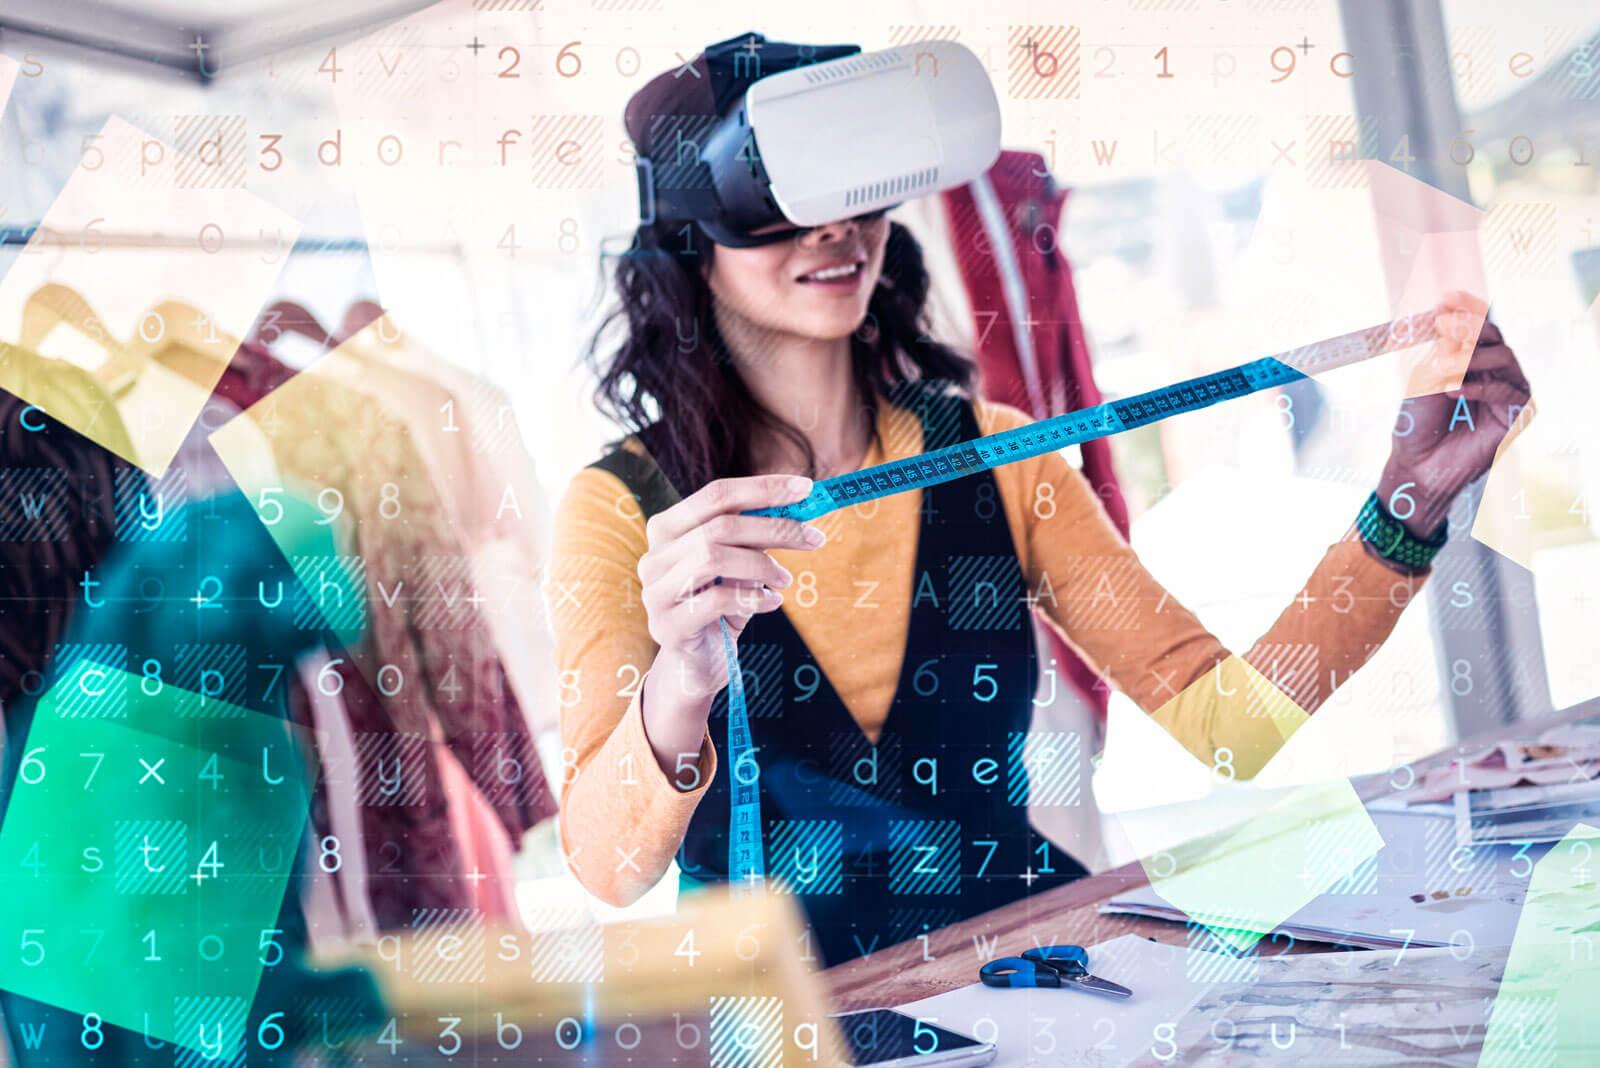 Eine Frau steht mit Smart Glasses und einem Maßband in der Hand vor einem Tisch